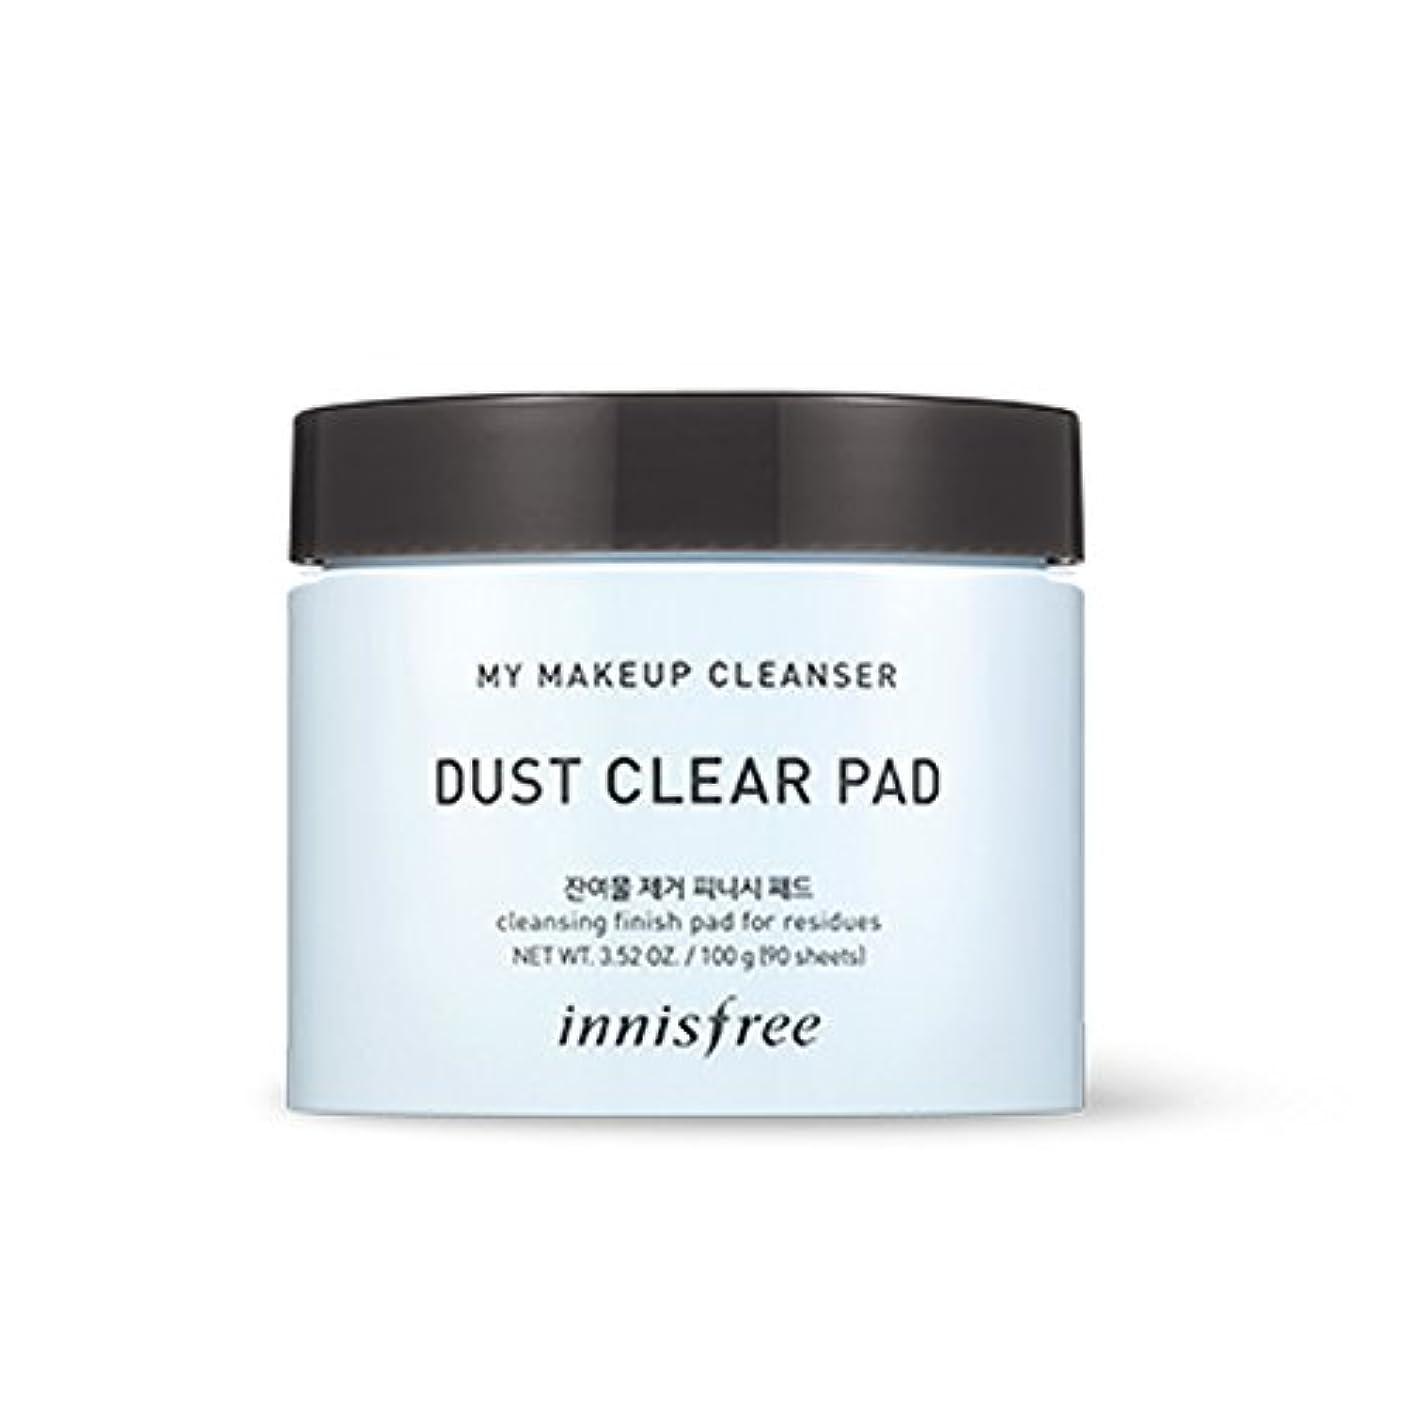 スキャンダラスドック代数的イニスフリーマイメイクアップクレンザー - ダストクリアパッド90ea x 1個 Innisfree My Makeup Cleanser - Dust Clear Pad 90ea x 1pcs [海外直送品][並行輸入品]